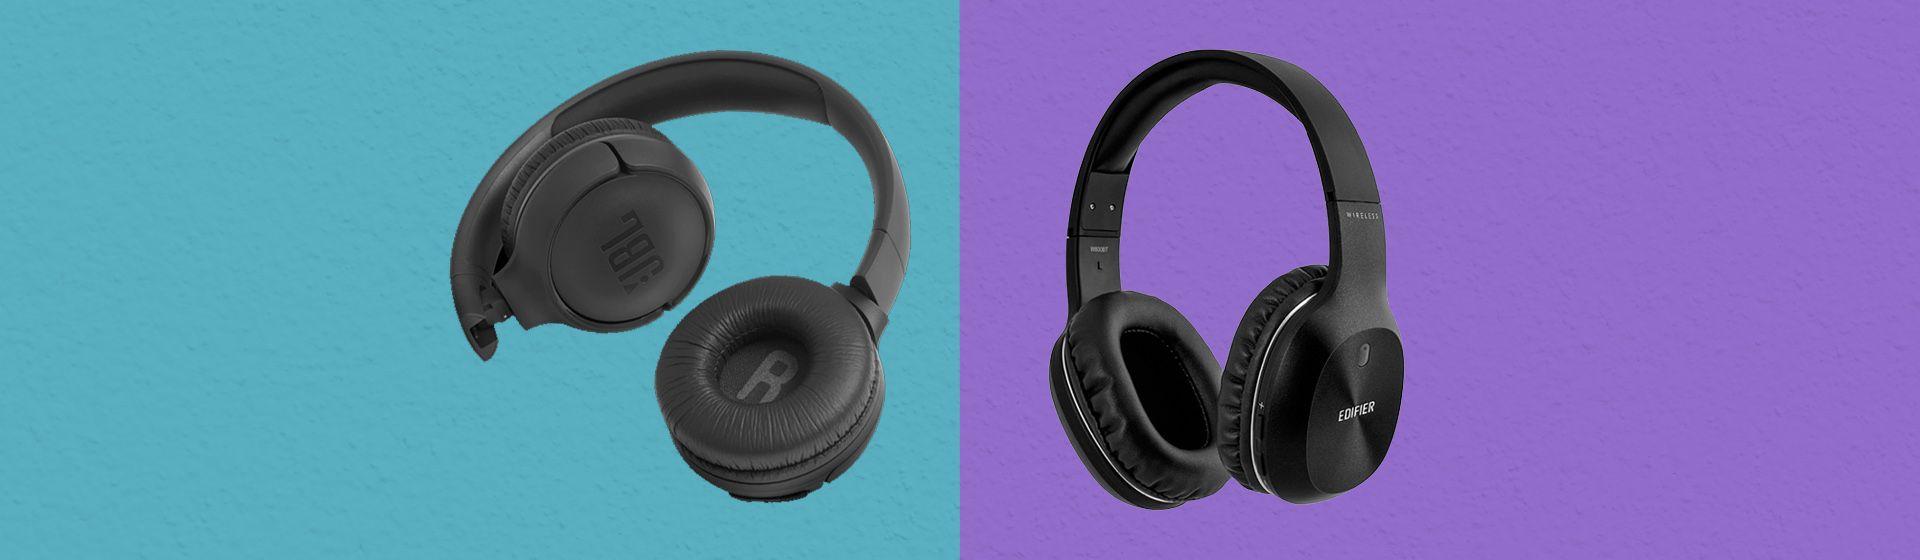 JBL Tune 500BT vs Edifier W800BT: qual é o melhor fone de ouvido Bluetooth?